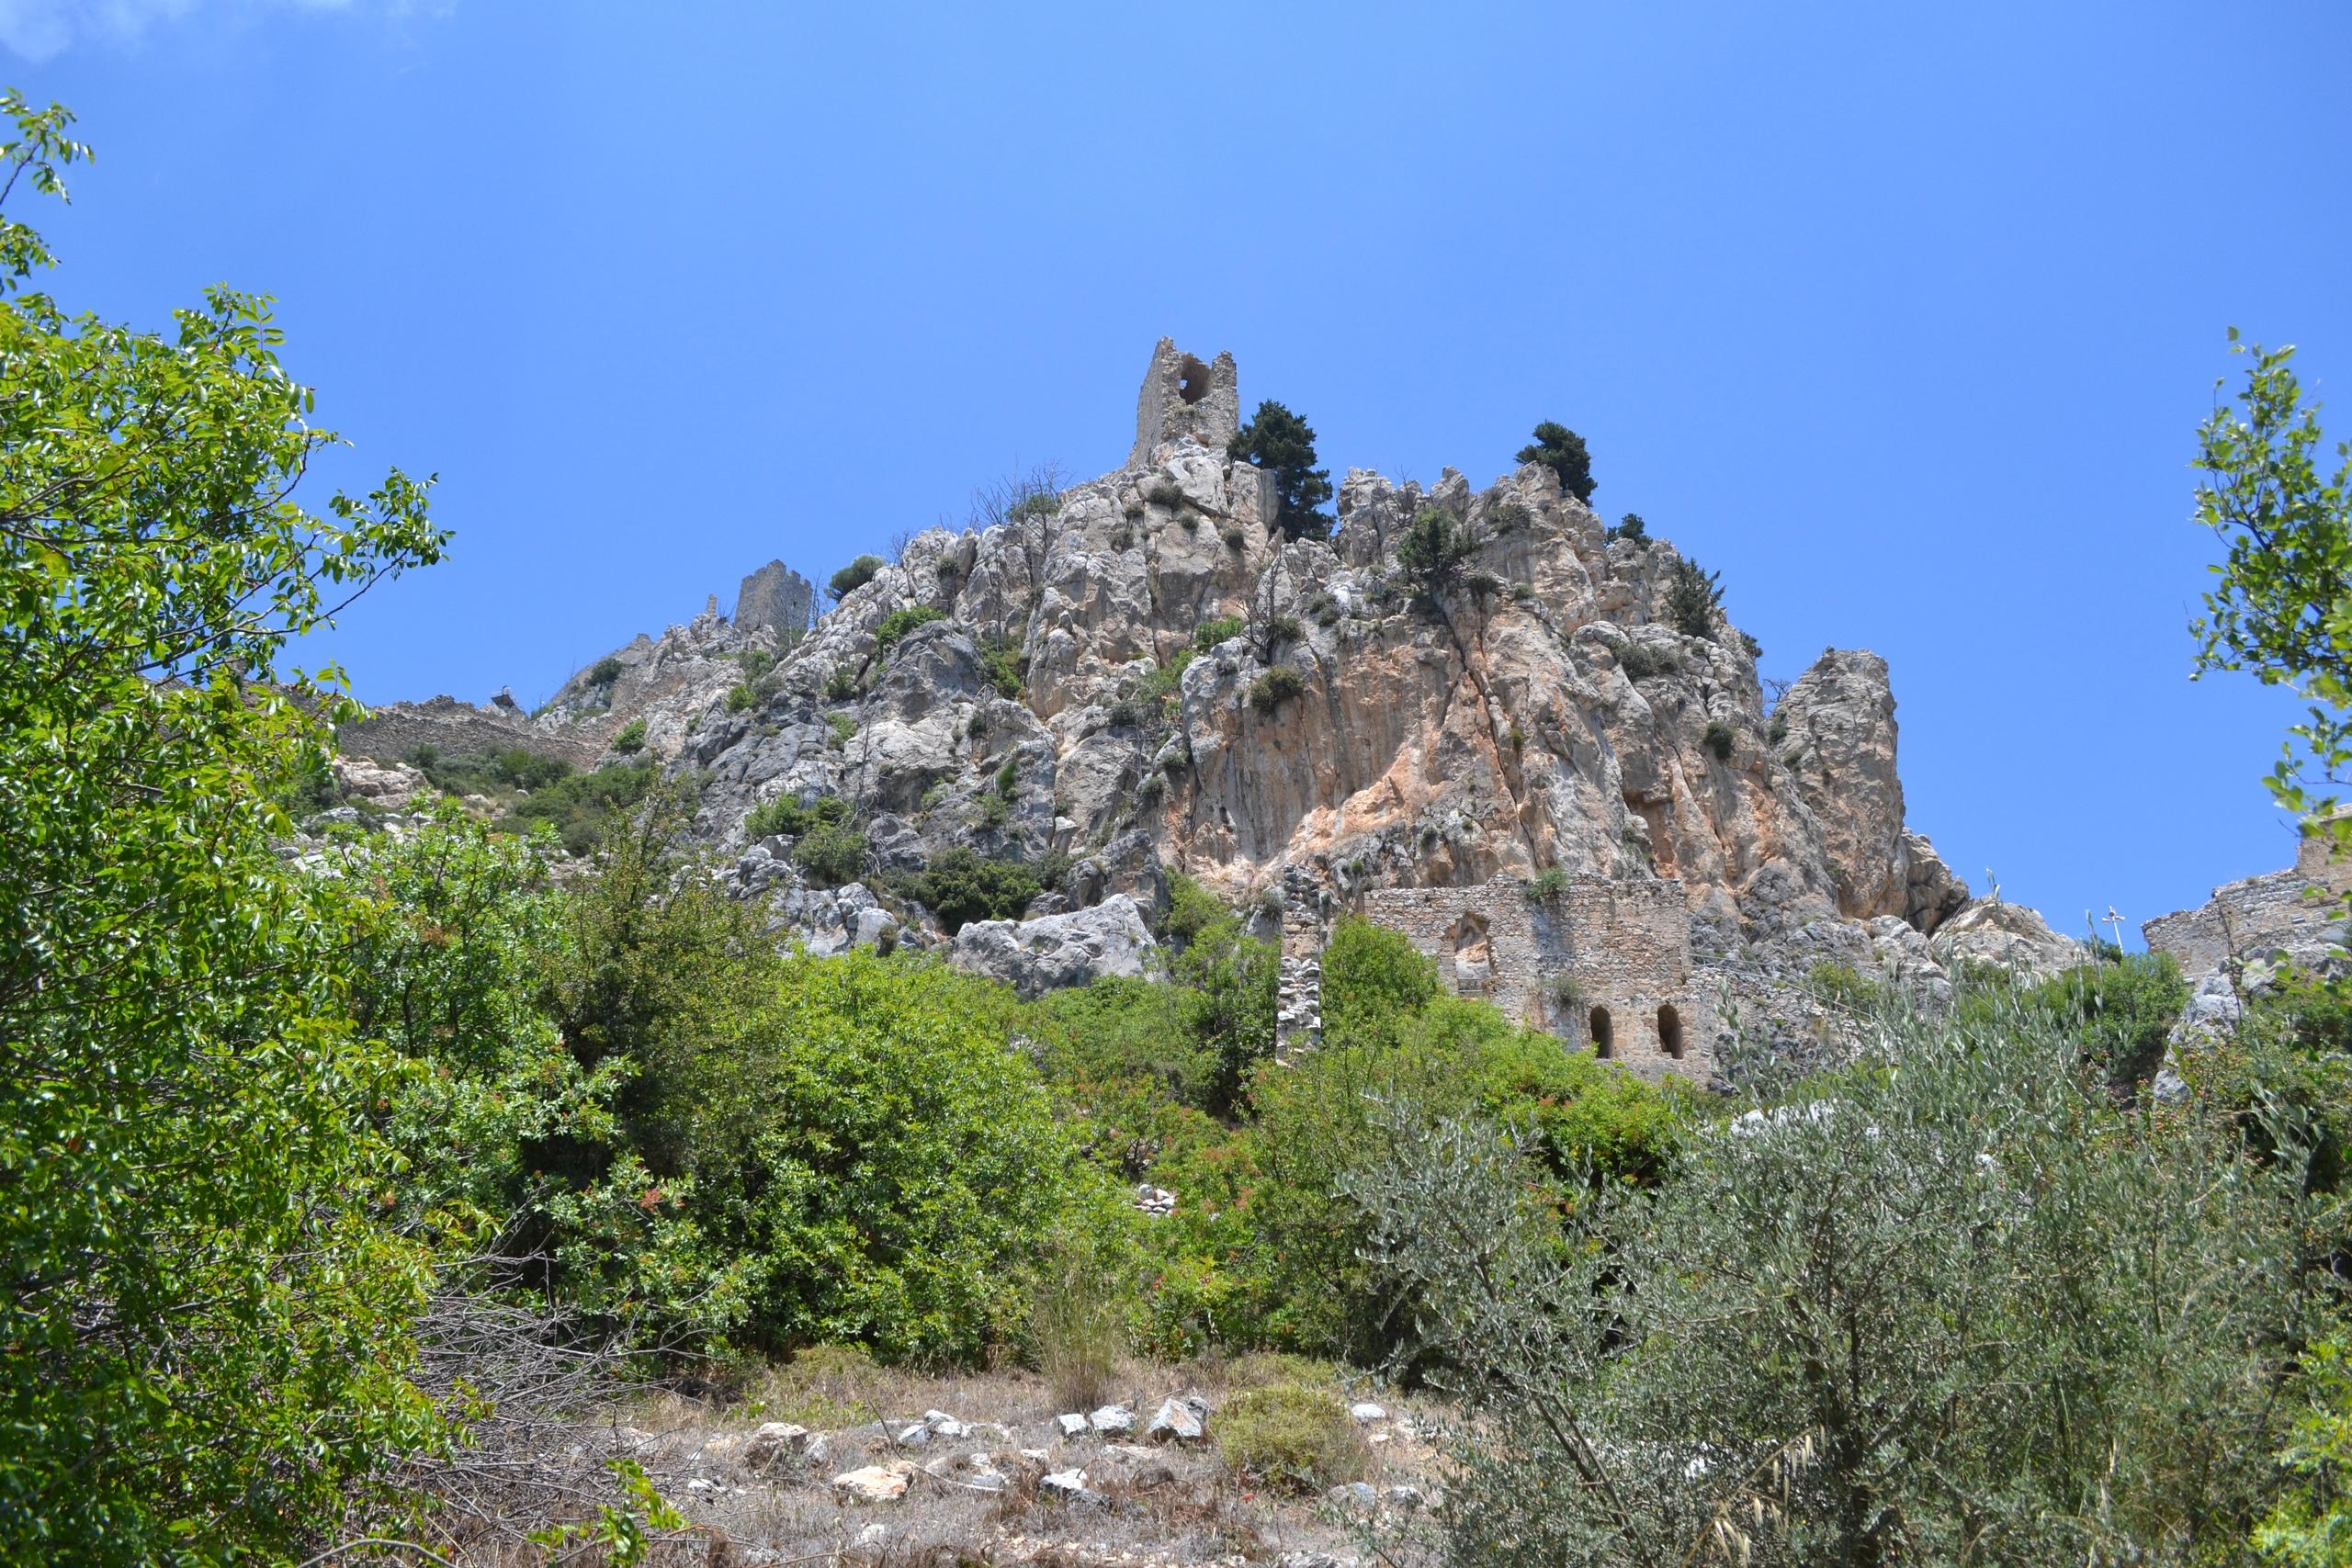 Северный Кипр. Замок Святого Иллариона. (фото). LcuI0OUtVhs